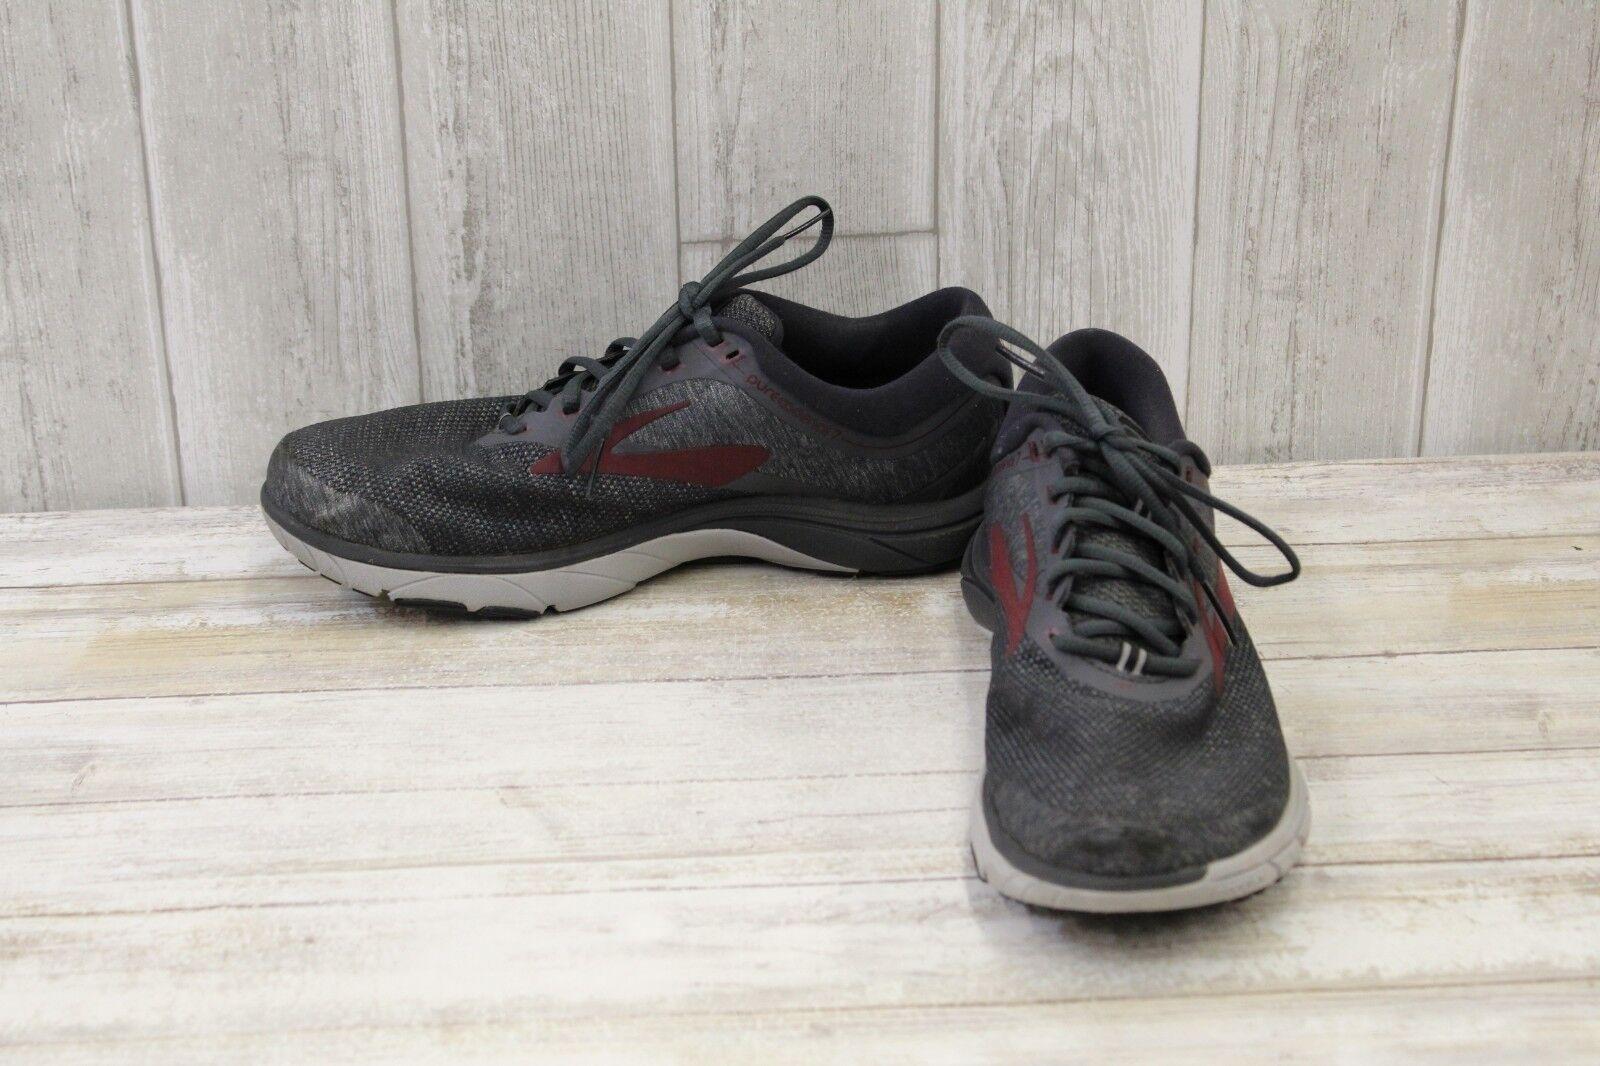 Brooks PureCadence 7 Running shoes - Men's Size 10D - Black Ebony (Damaged)